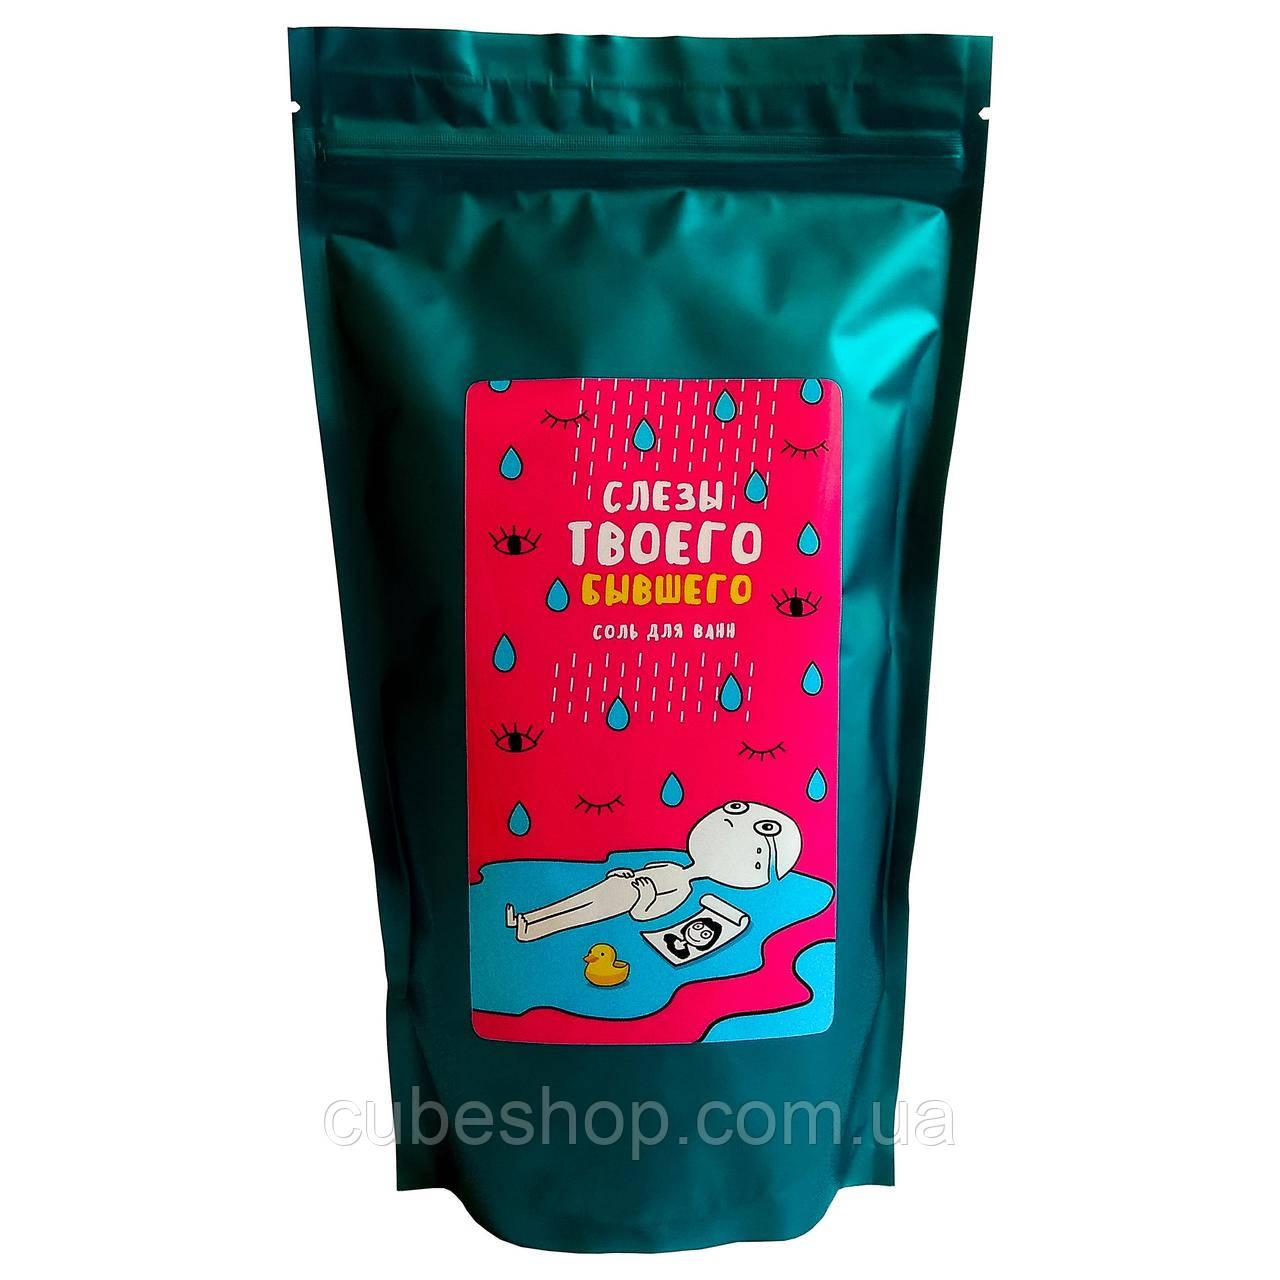 Соль для ванн Слезы бывшего розовый, 500 гр